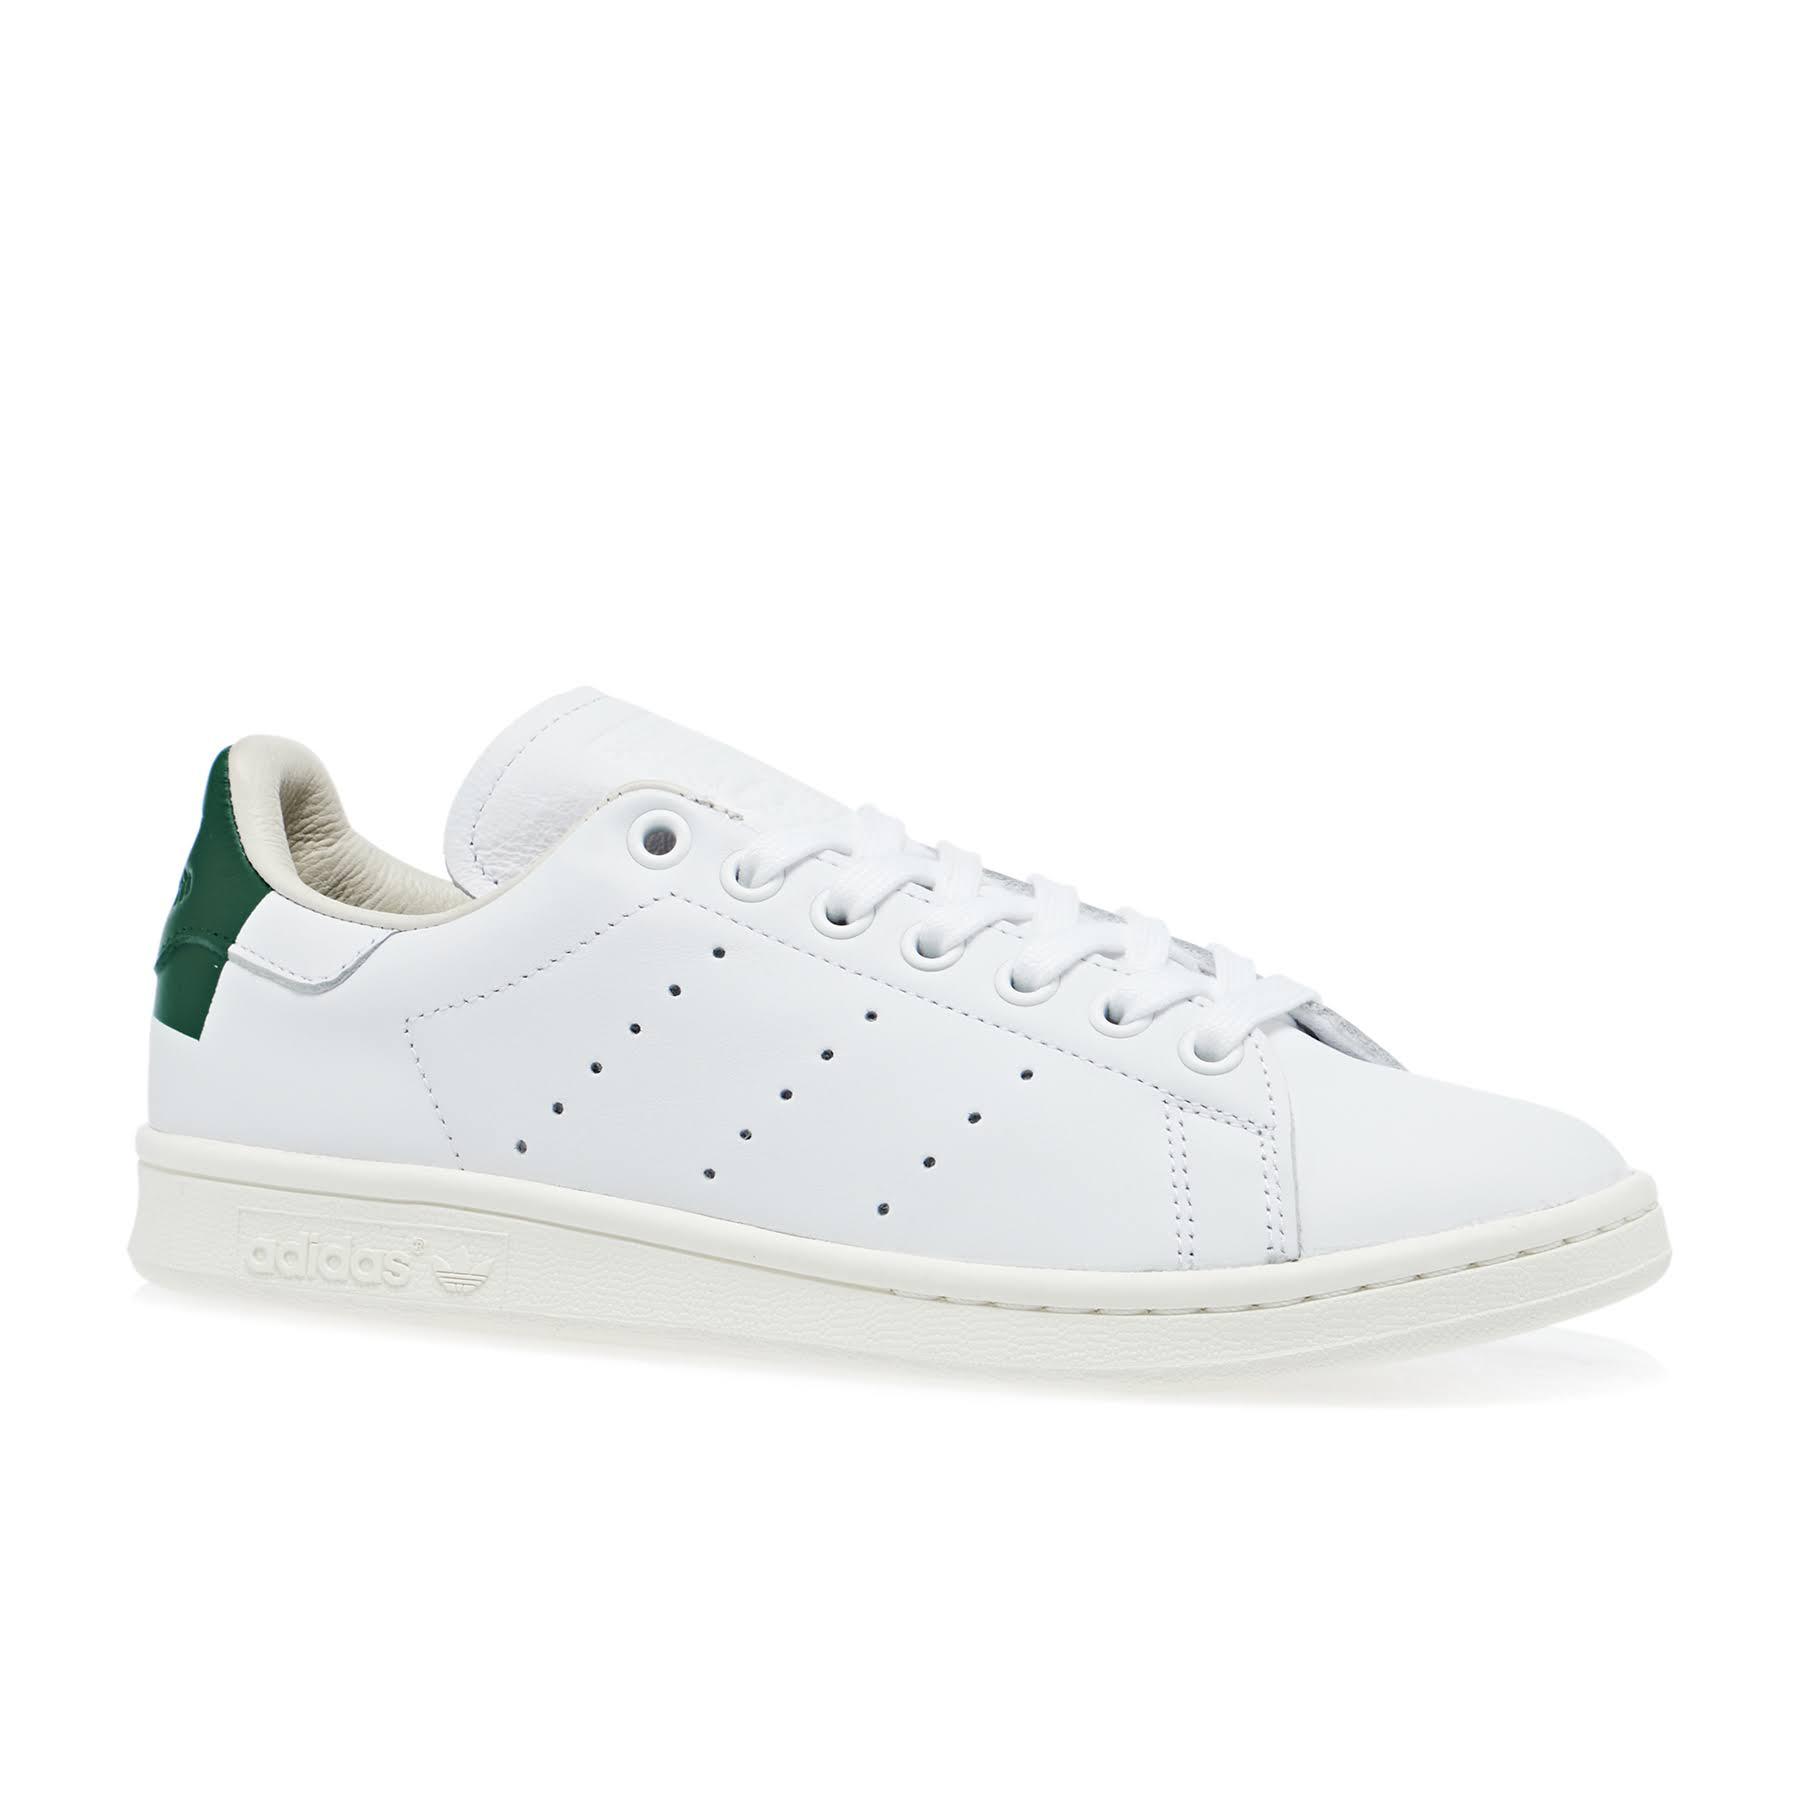 Adidas Stan Smith Shoes - White - Women